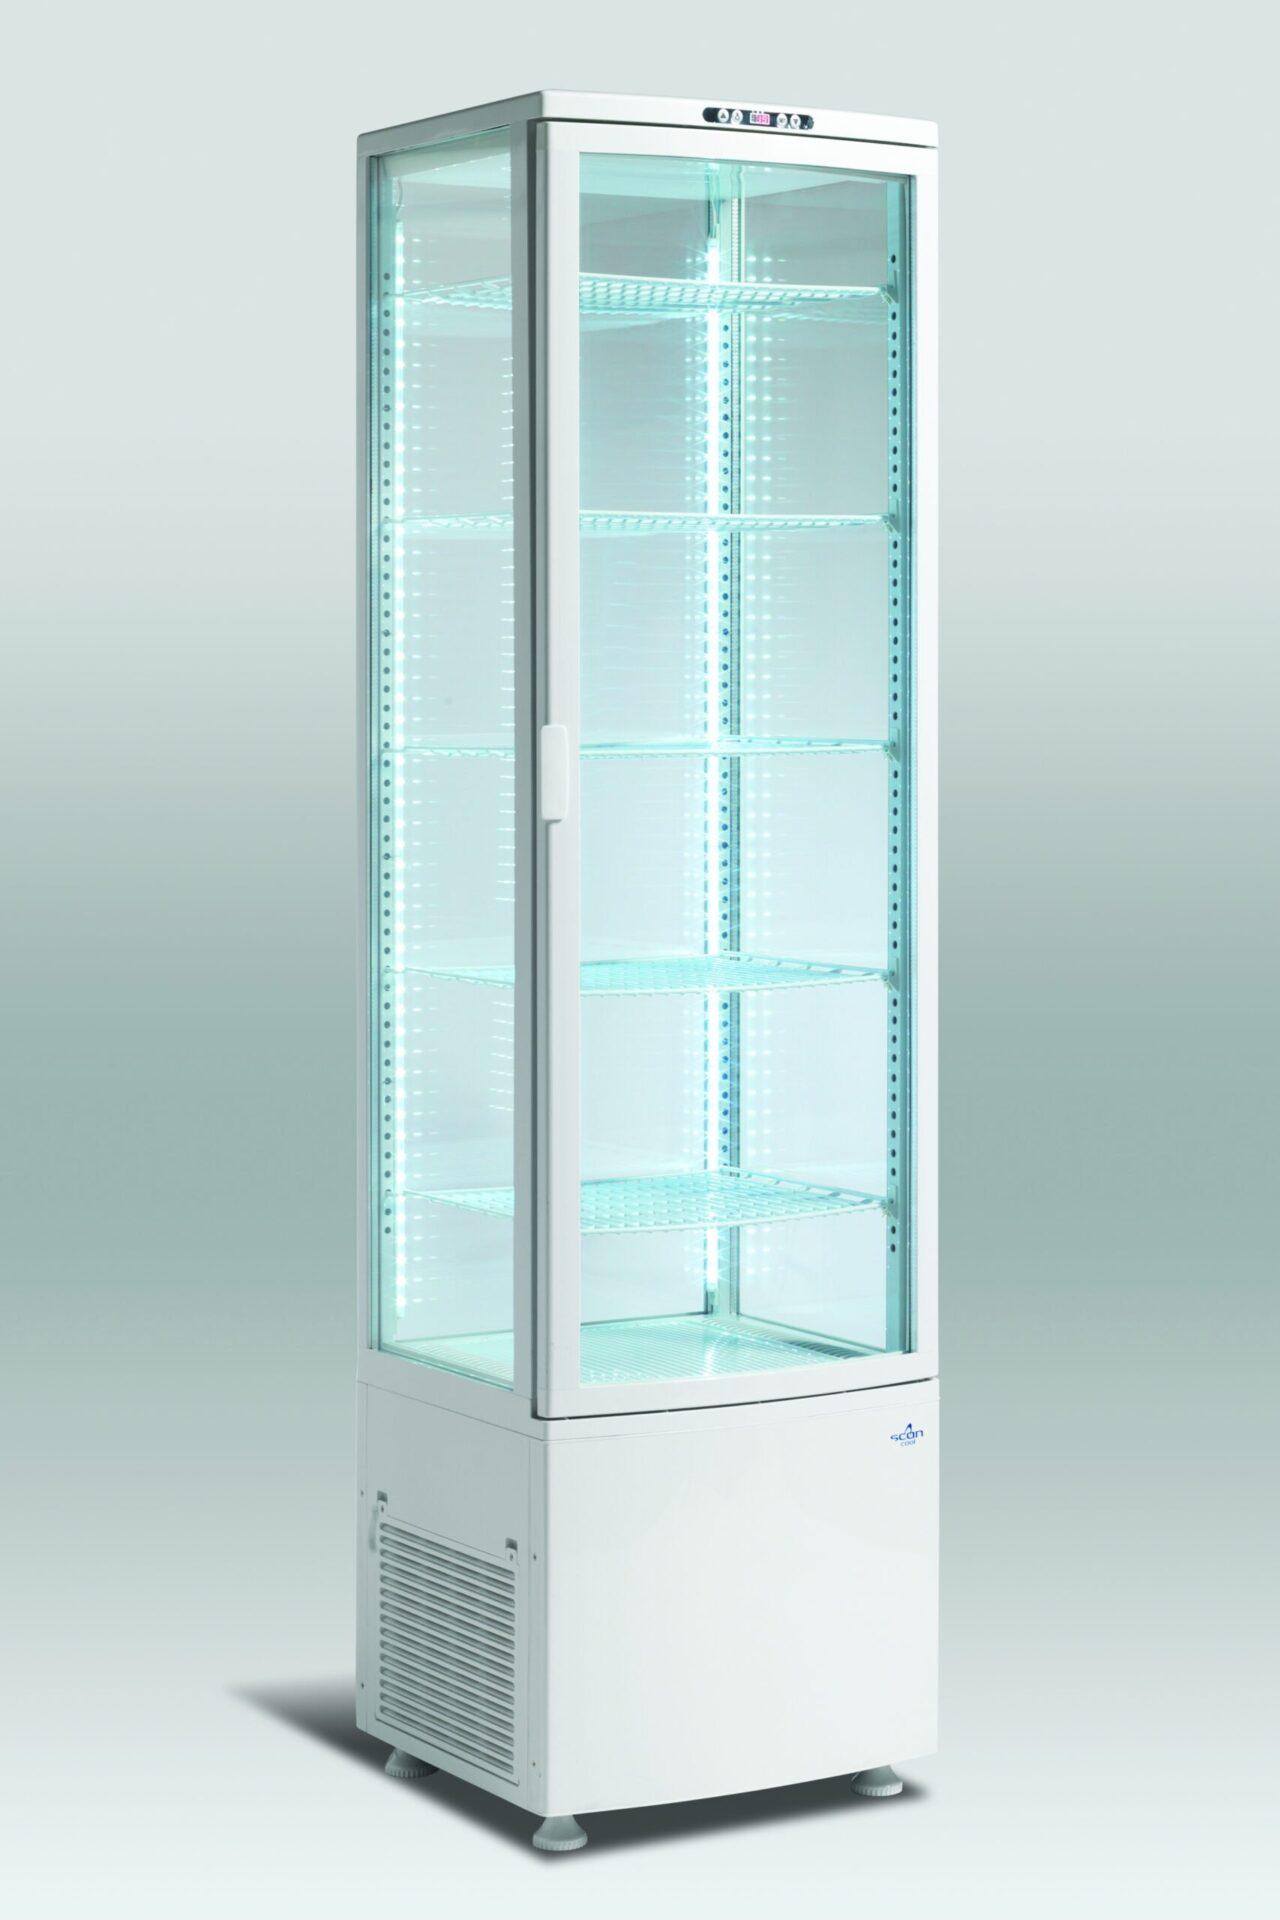 Displaykøler 285 liter - hvid gulvmodel med lys til feks. kager